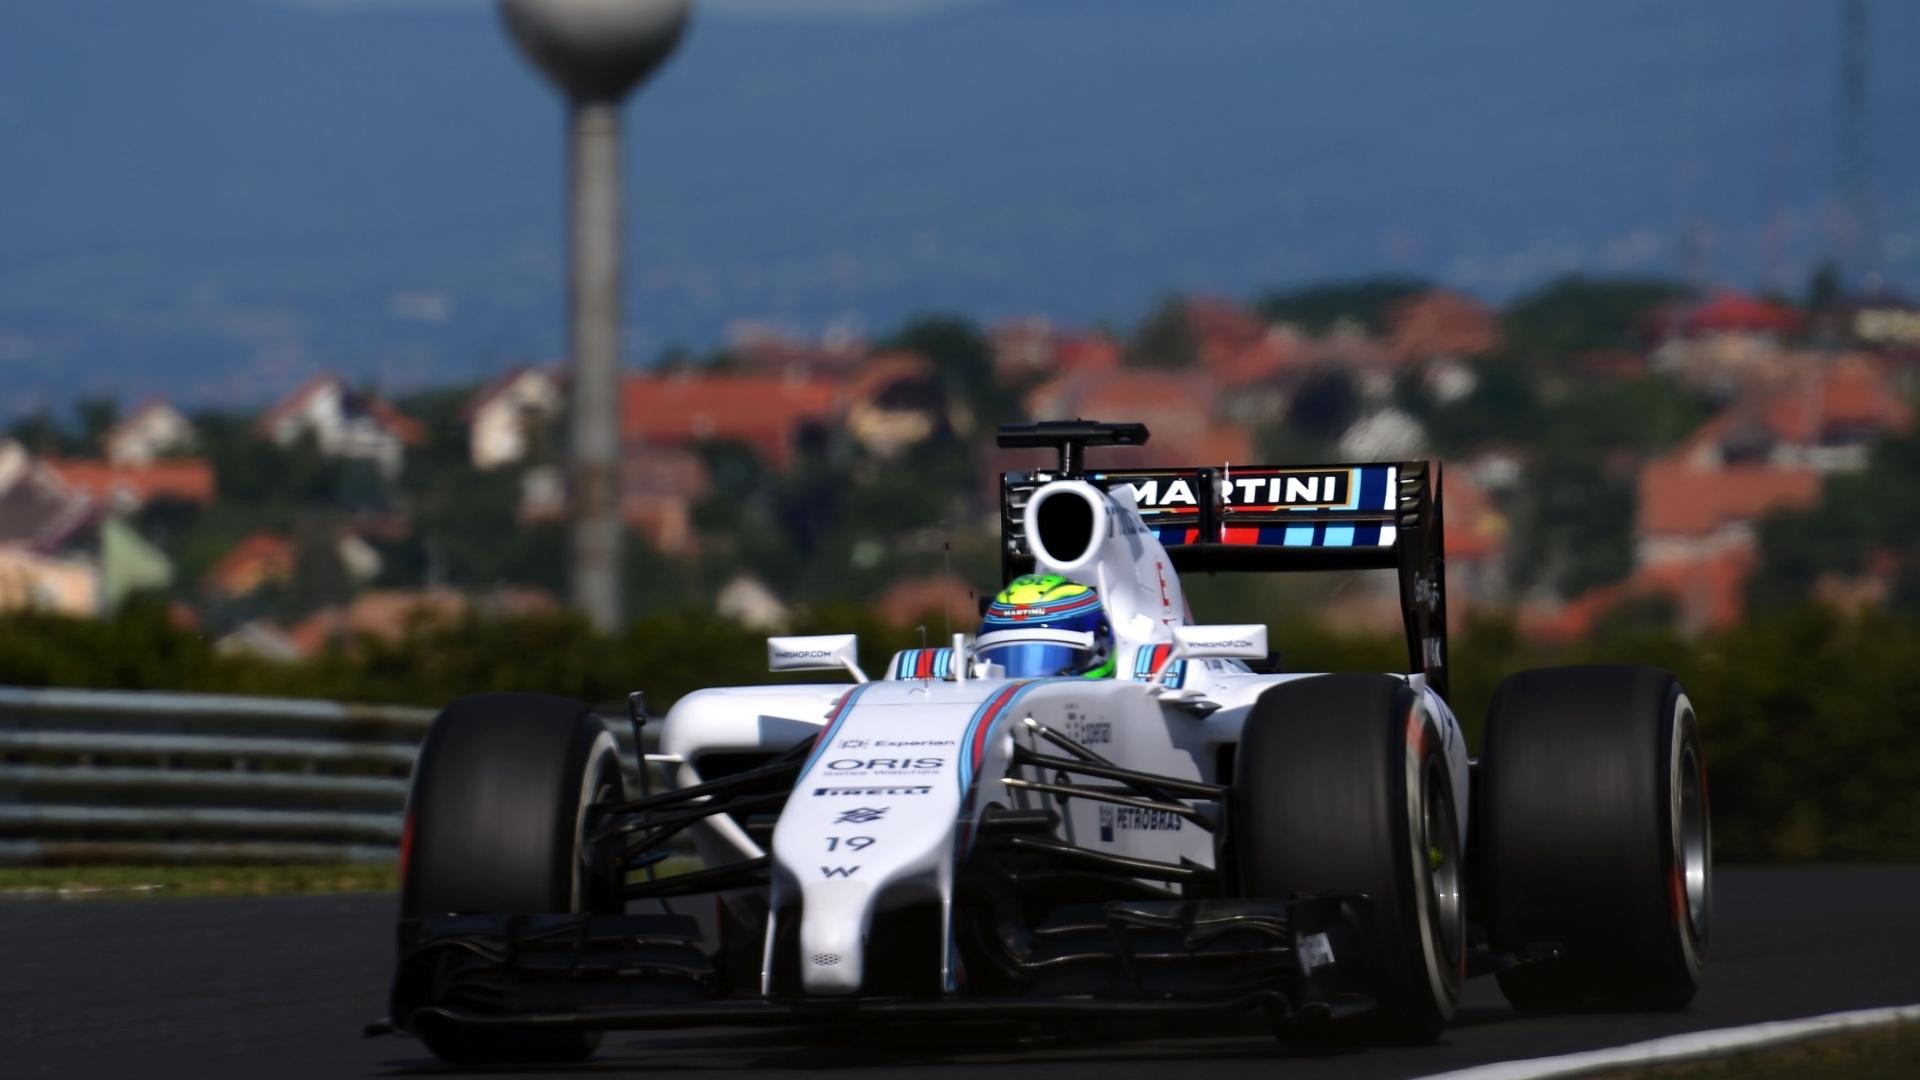 25.jul.2014 - Brasileiro Felipe participa da primeira sessão de treinos livres na Hungria e faz o décimo melhor tempo com a Williams